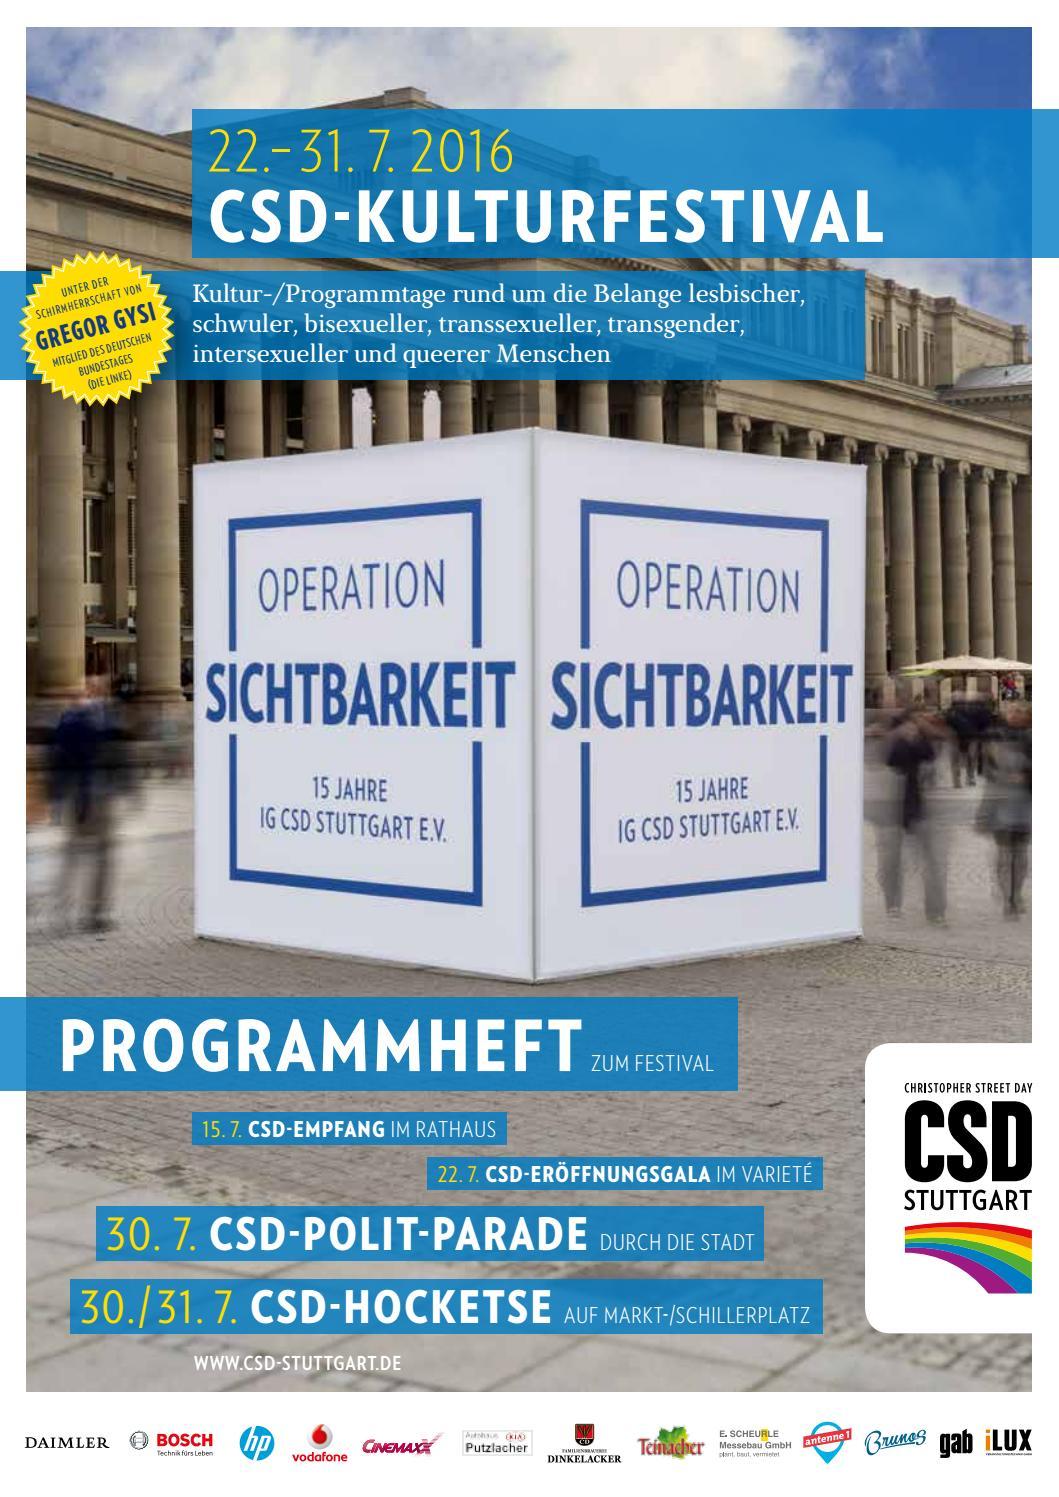 OPERATION SICHTBARKEIT - Programmheft zum Christopher Street Day ...